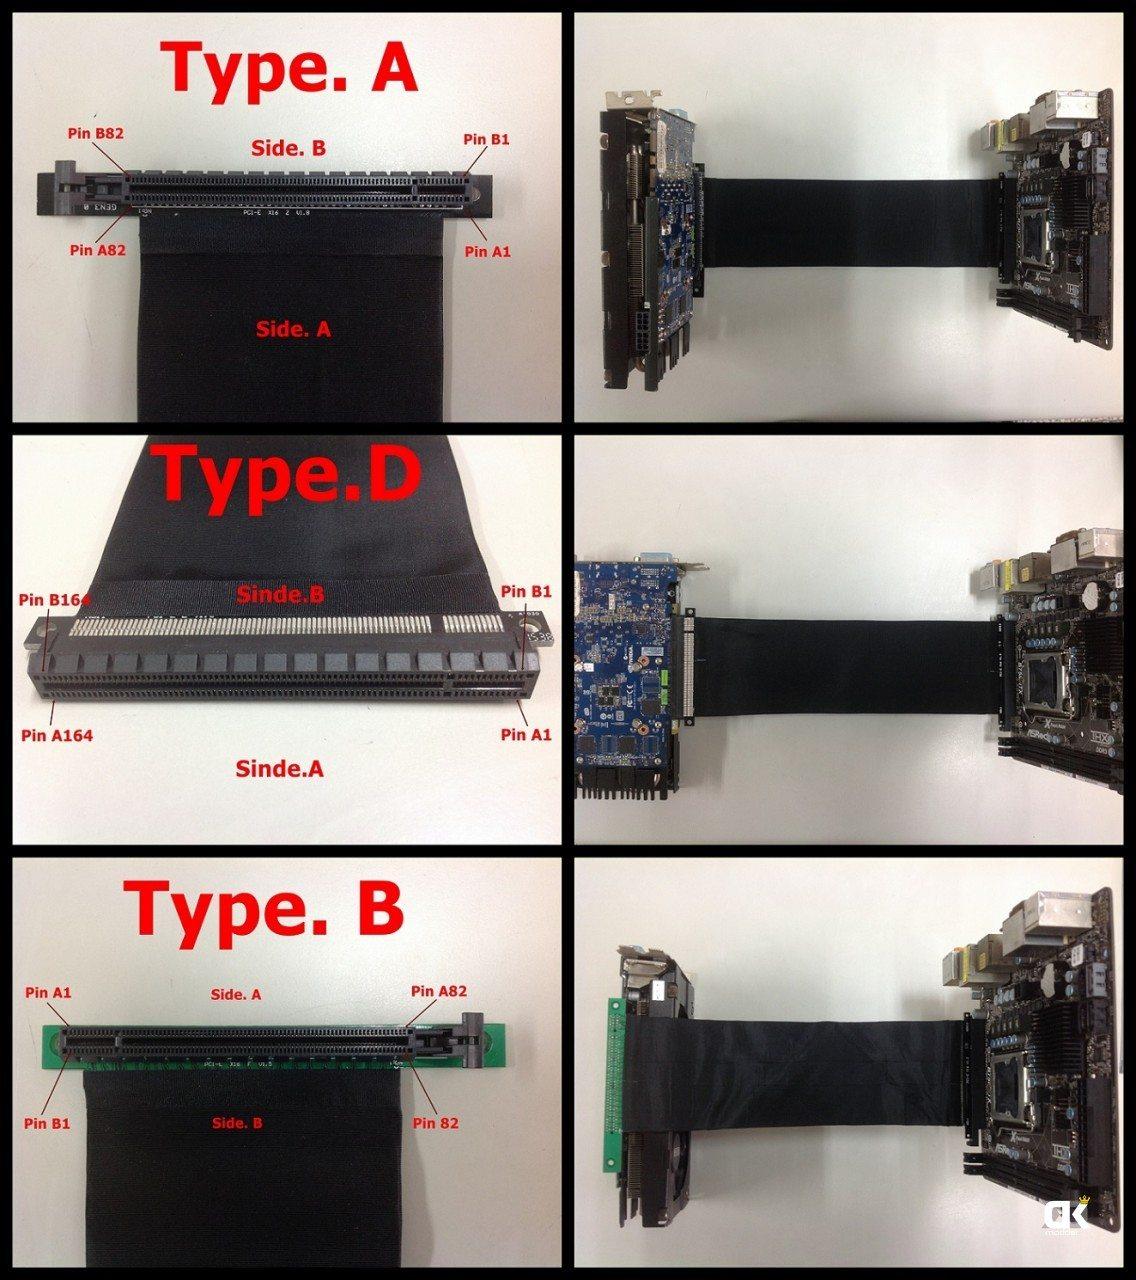 Tipos de Clavija para los Riser PCIe